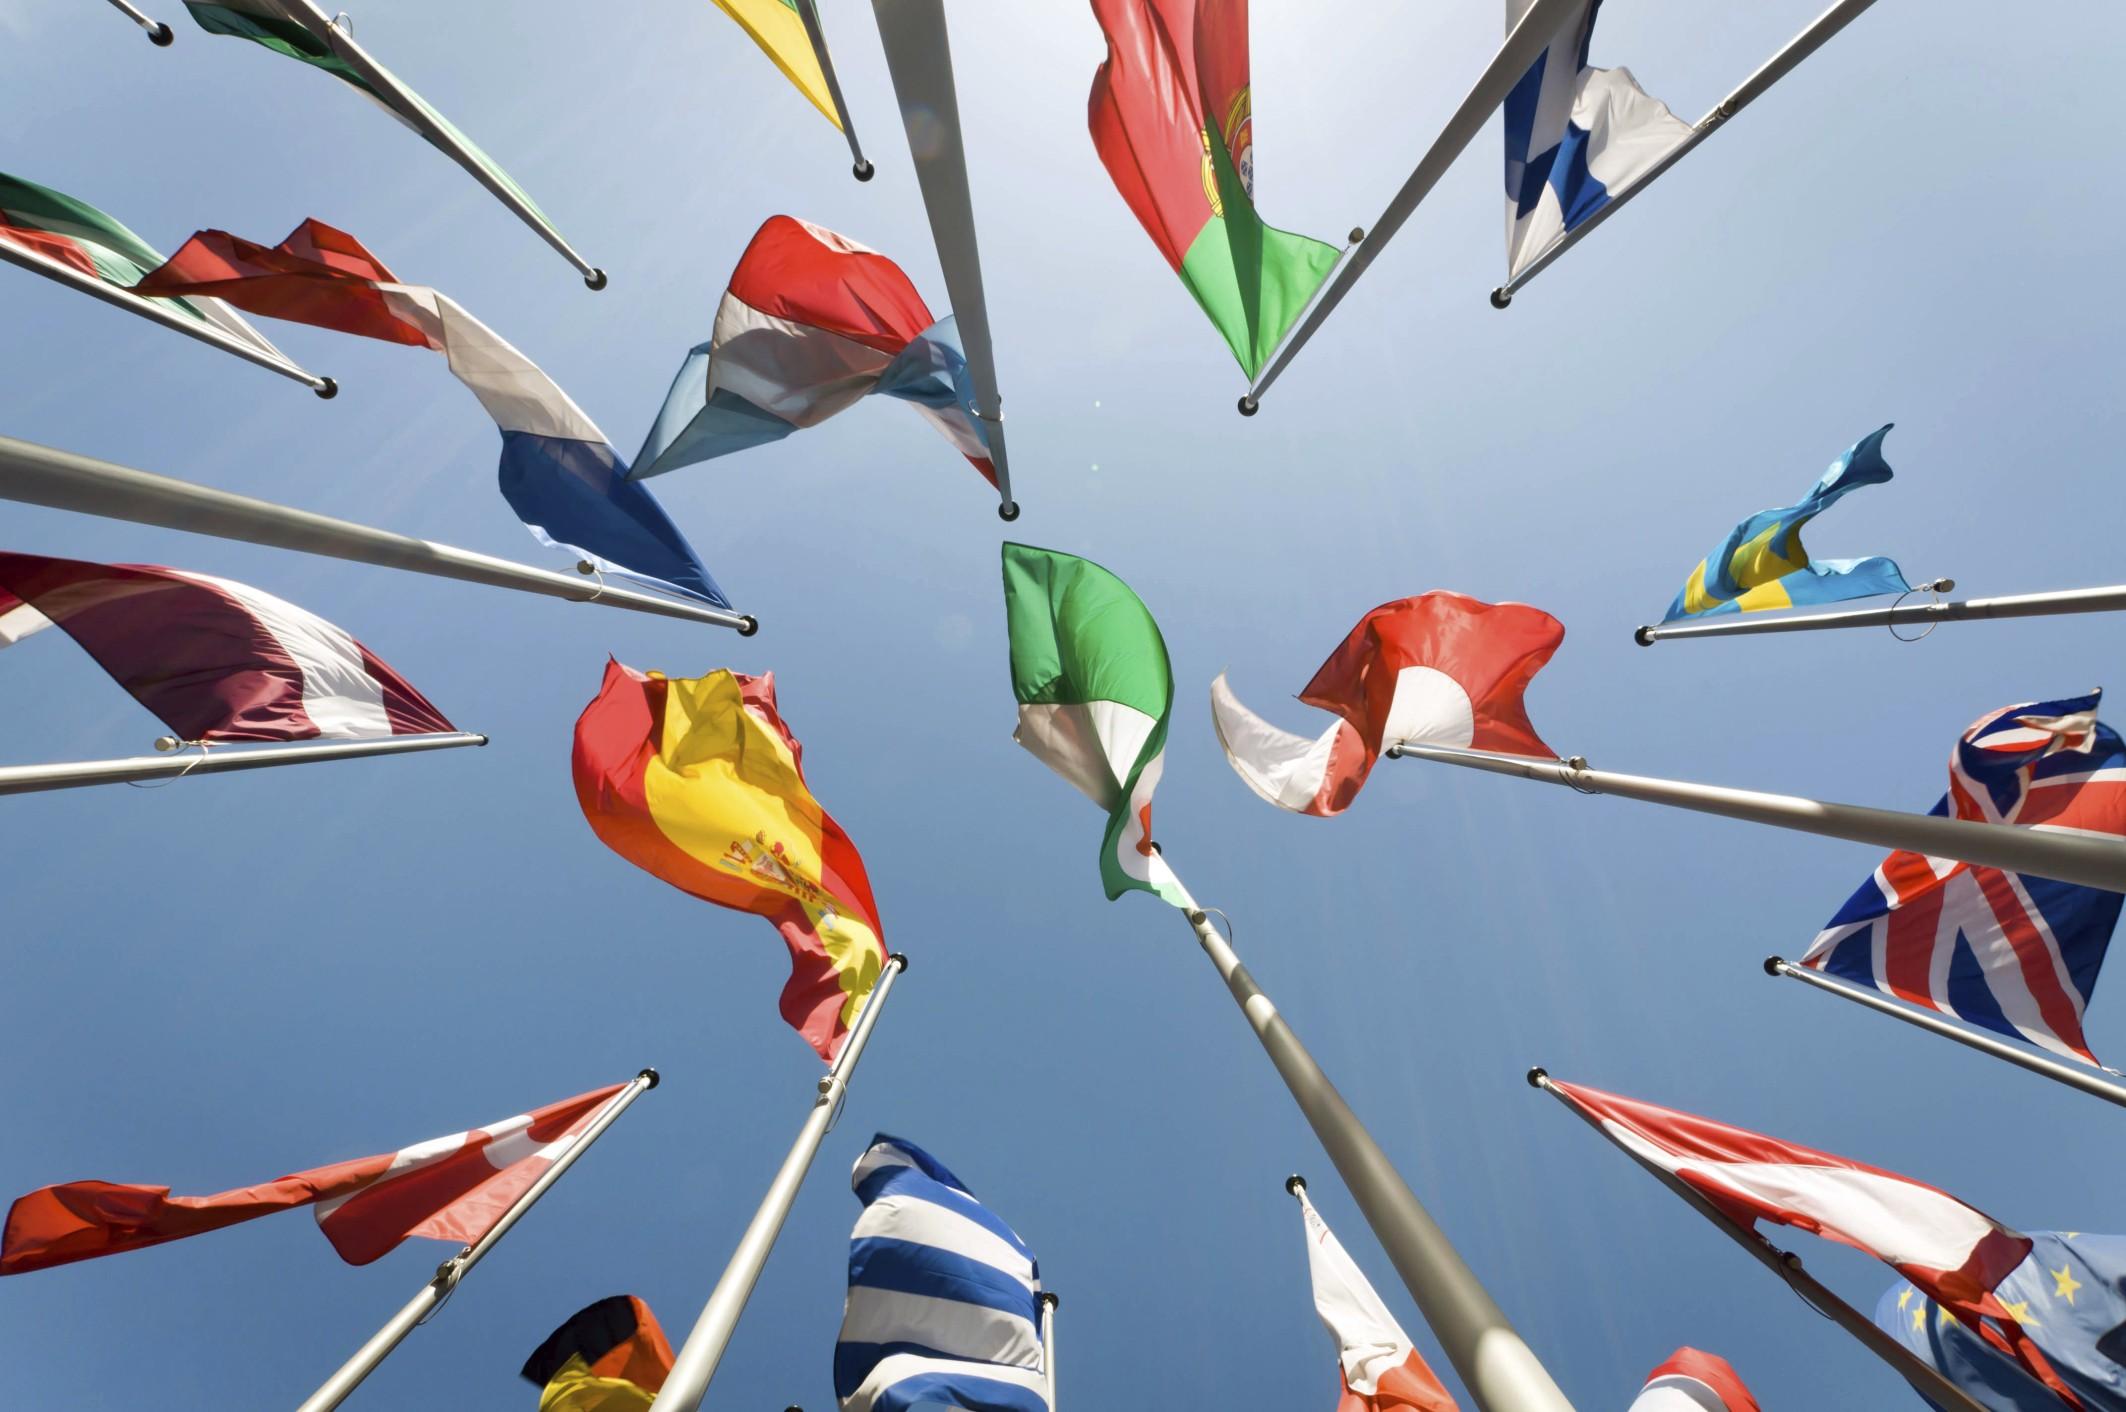 bandeiras (Foto: Thinkstock)